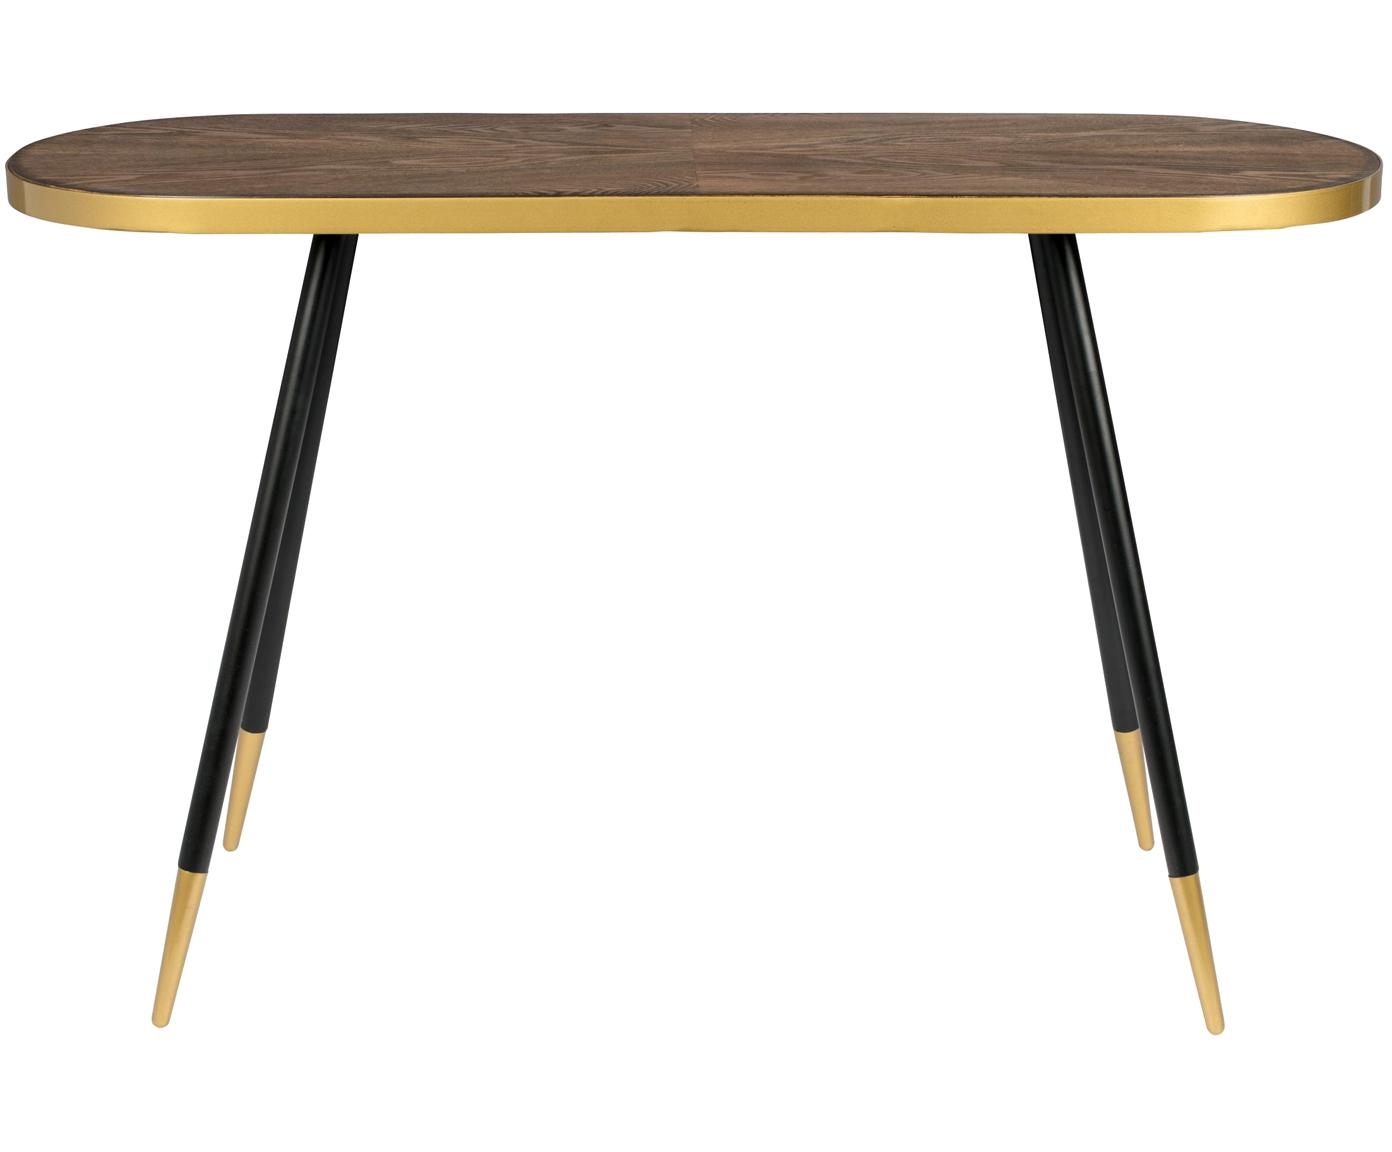 Konsole Denise mit ovaler Platte, Tischplatte: Mitteldichte Holzfaserpla, Eschenholz, Goldfarben, B 121 x T 41 cm